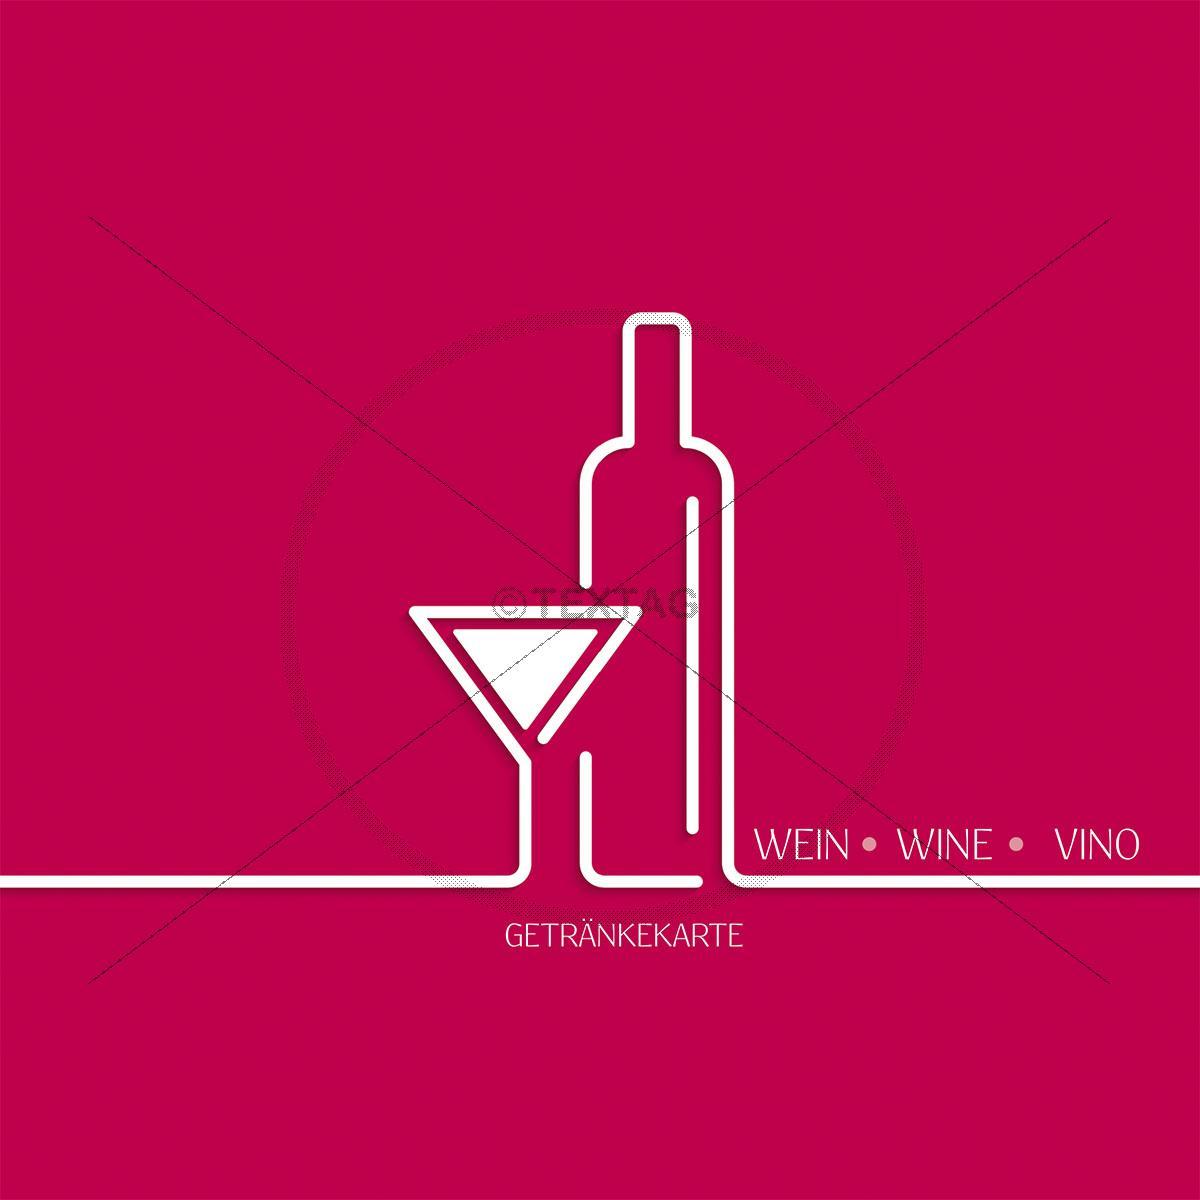 deckblatt weinkarte designvorlage wein wine vino 210 x 210 mm. Black Bedroom Furniture Sets. Home Design Ideas